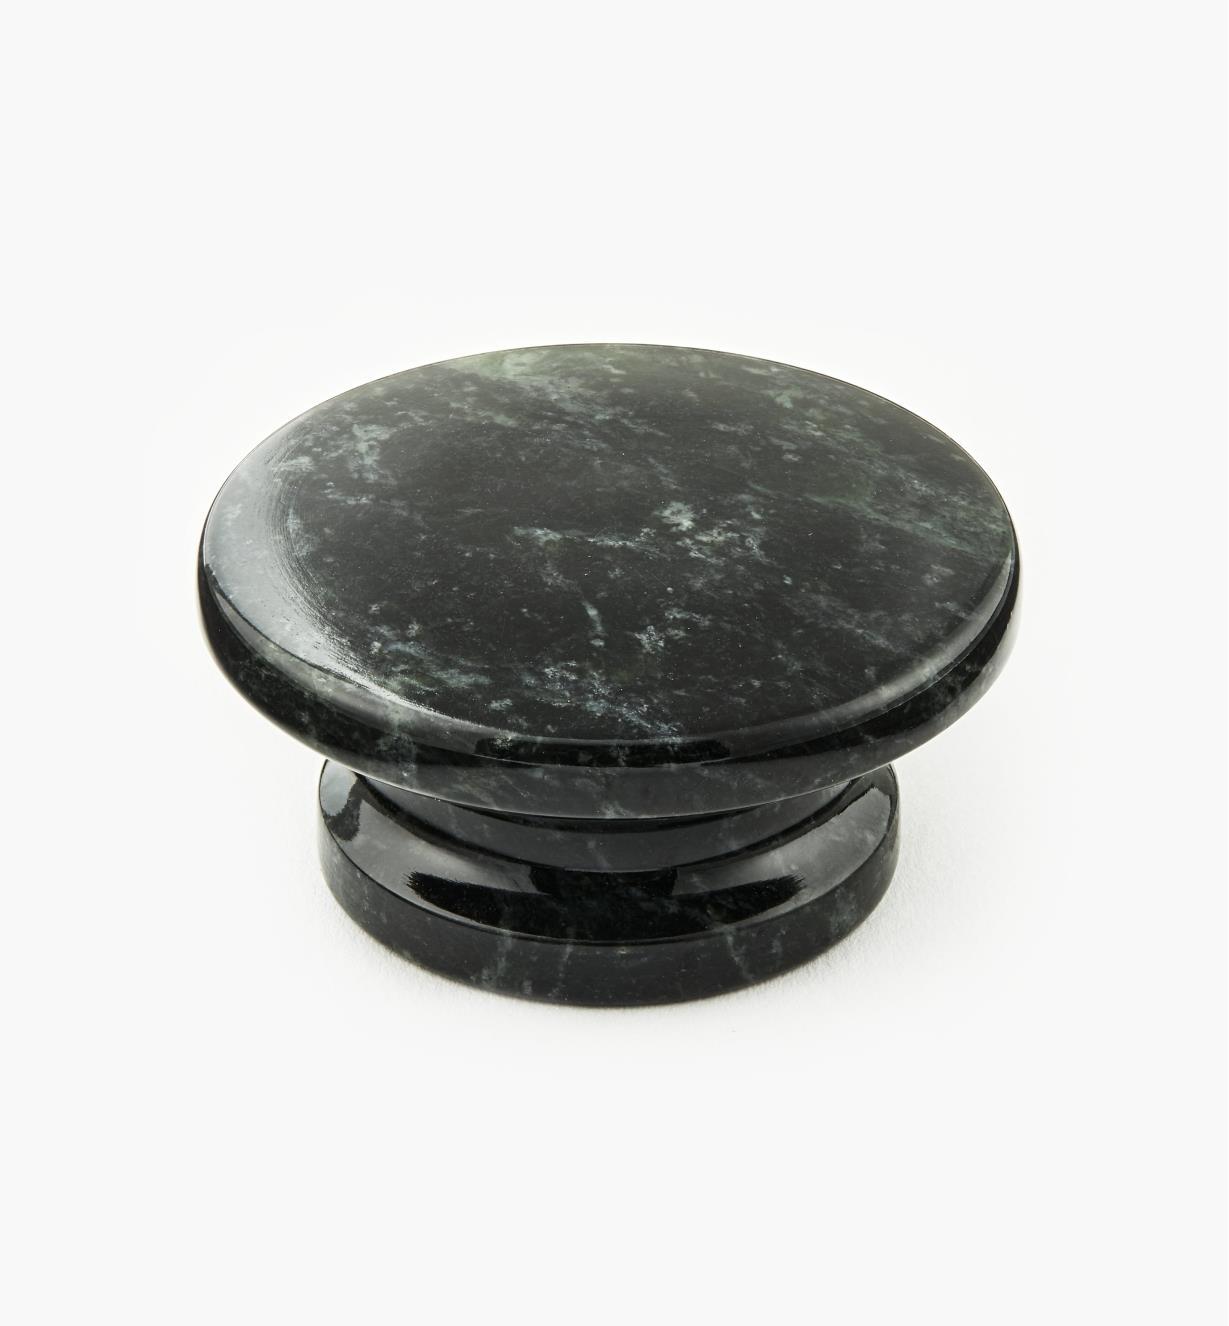 00W4041 - Bouton en marbre, vert, 50 mm x 25 mm